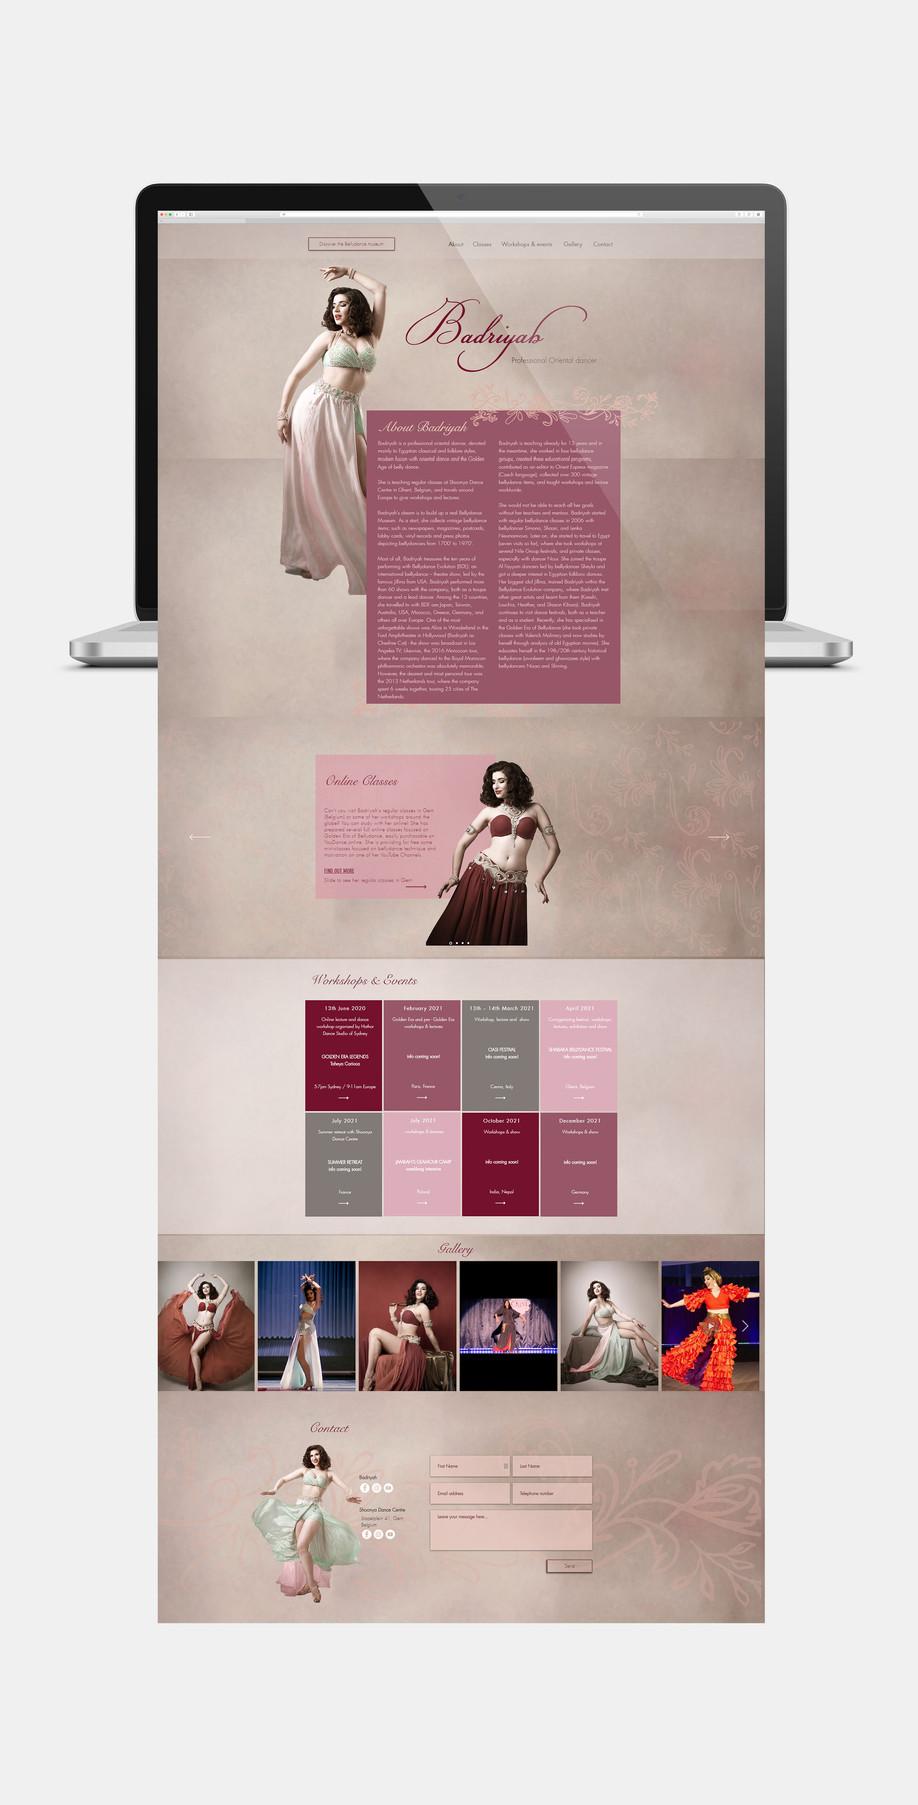 Badriyah Mockup laptop Bellydance.jpg